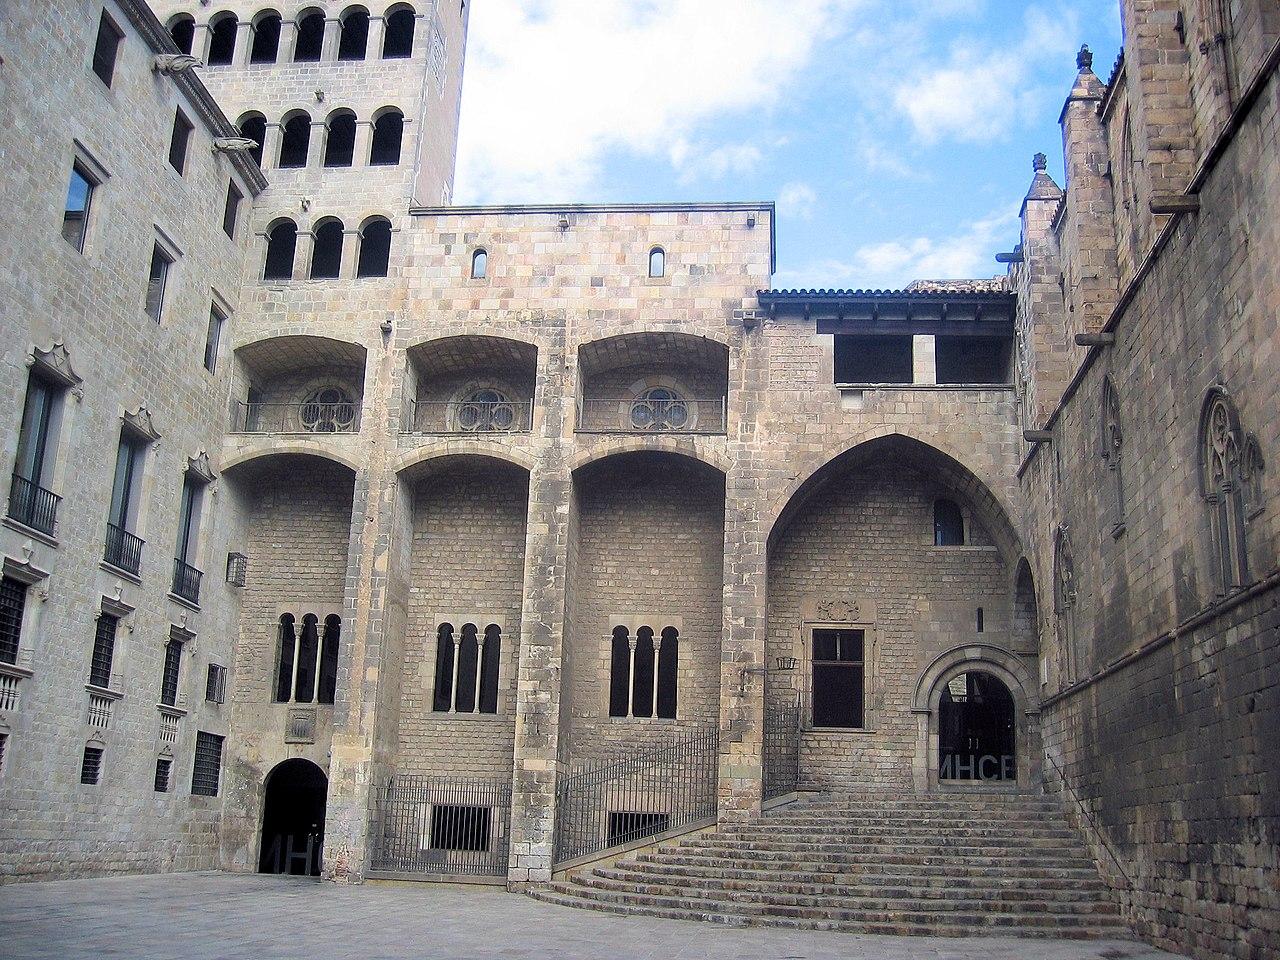 plaza del rey barcelona